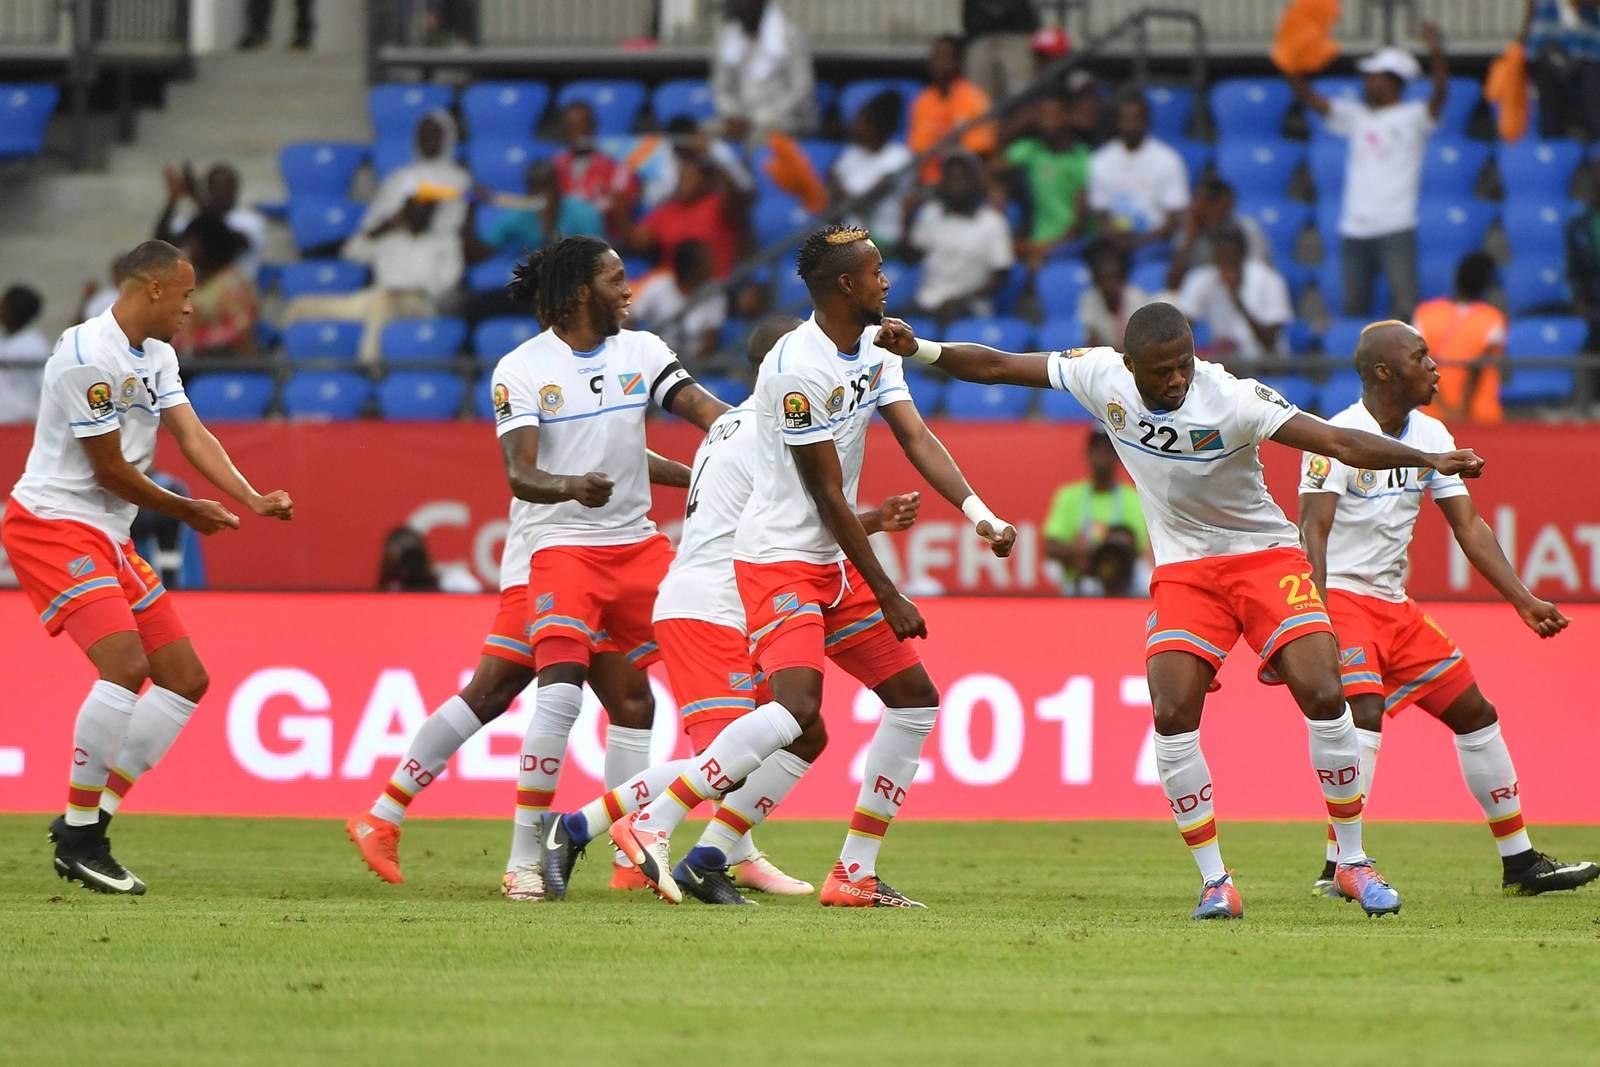 Die Nationalmannschaft der DR Kongo jubelt. Jetzt auf DR Kongo vs Uganda wetten